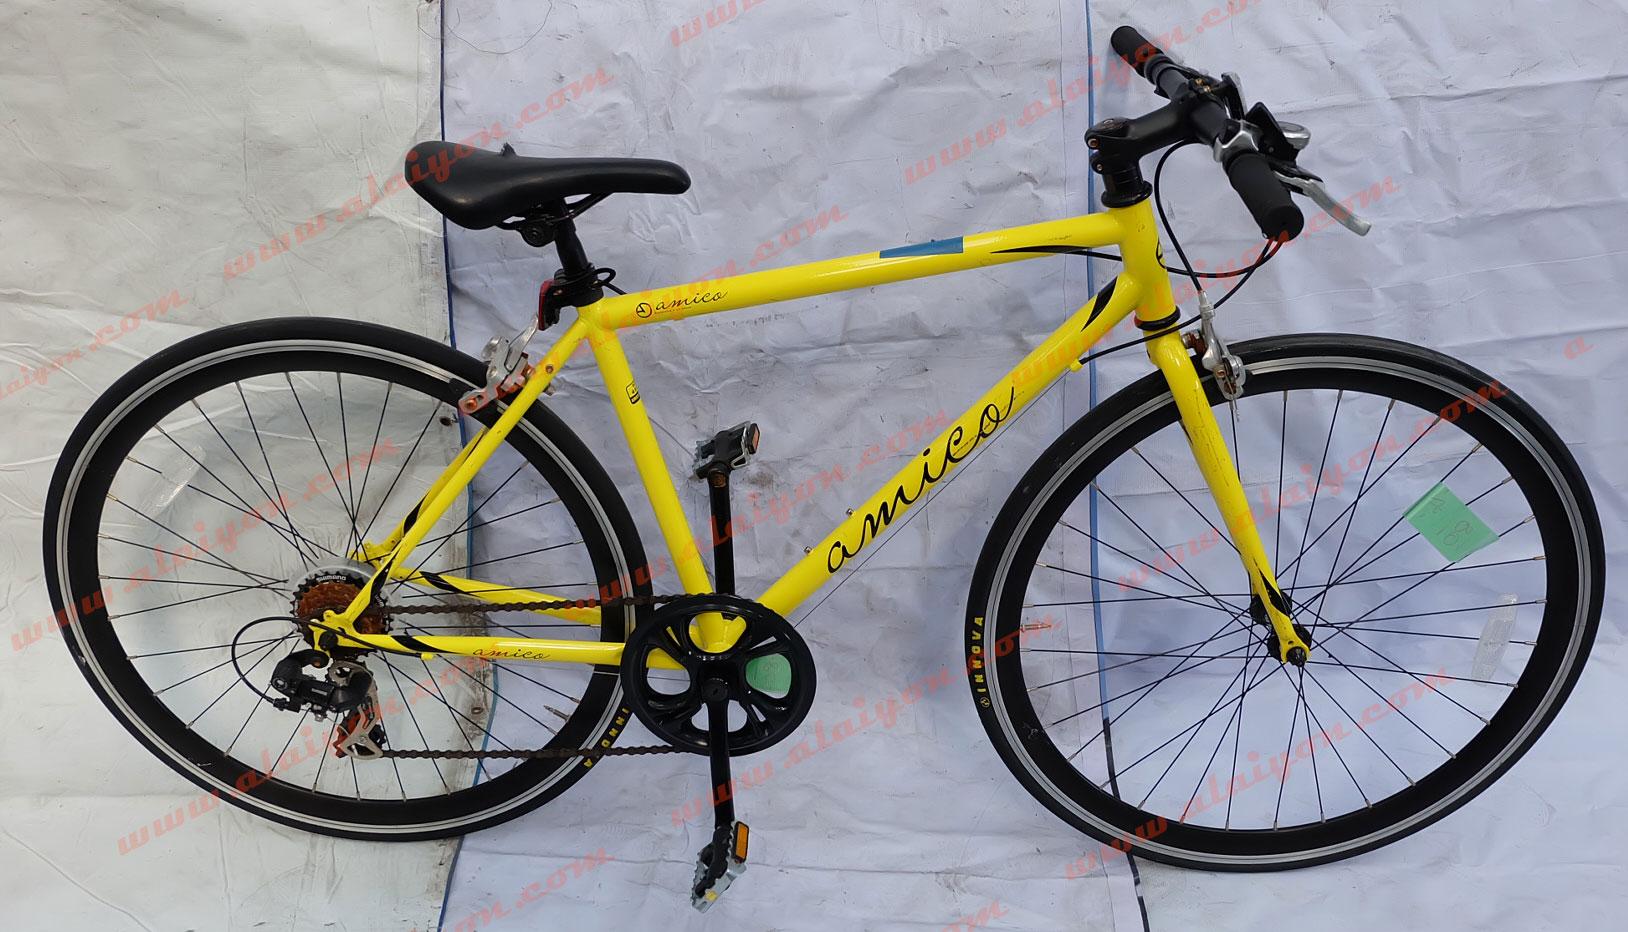 จักรยานมือสองญี่ปุ่น amico